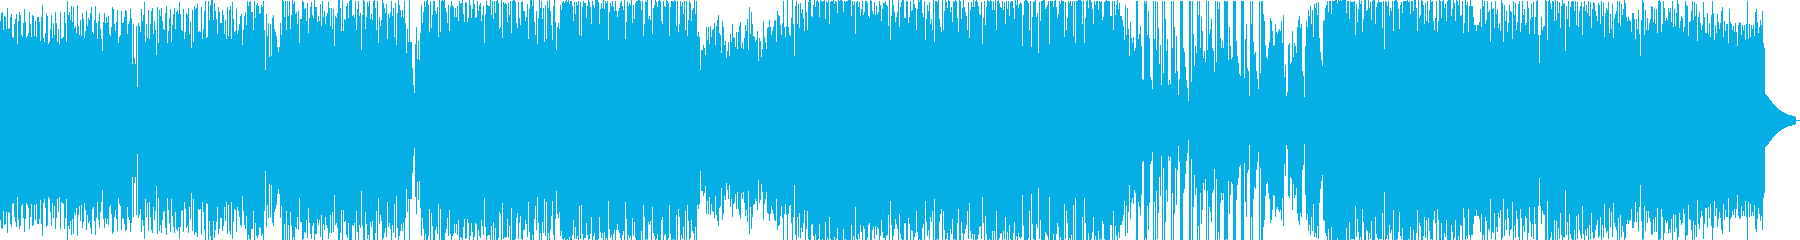 シンセとリズムエフェクトのグリッサンド。の再生済みの波形